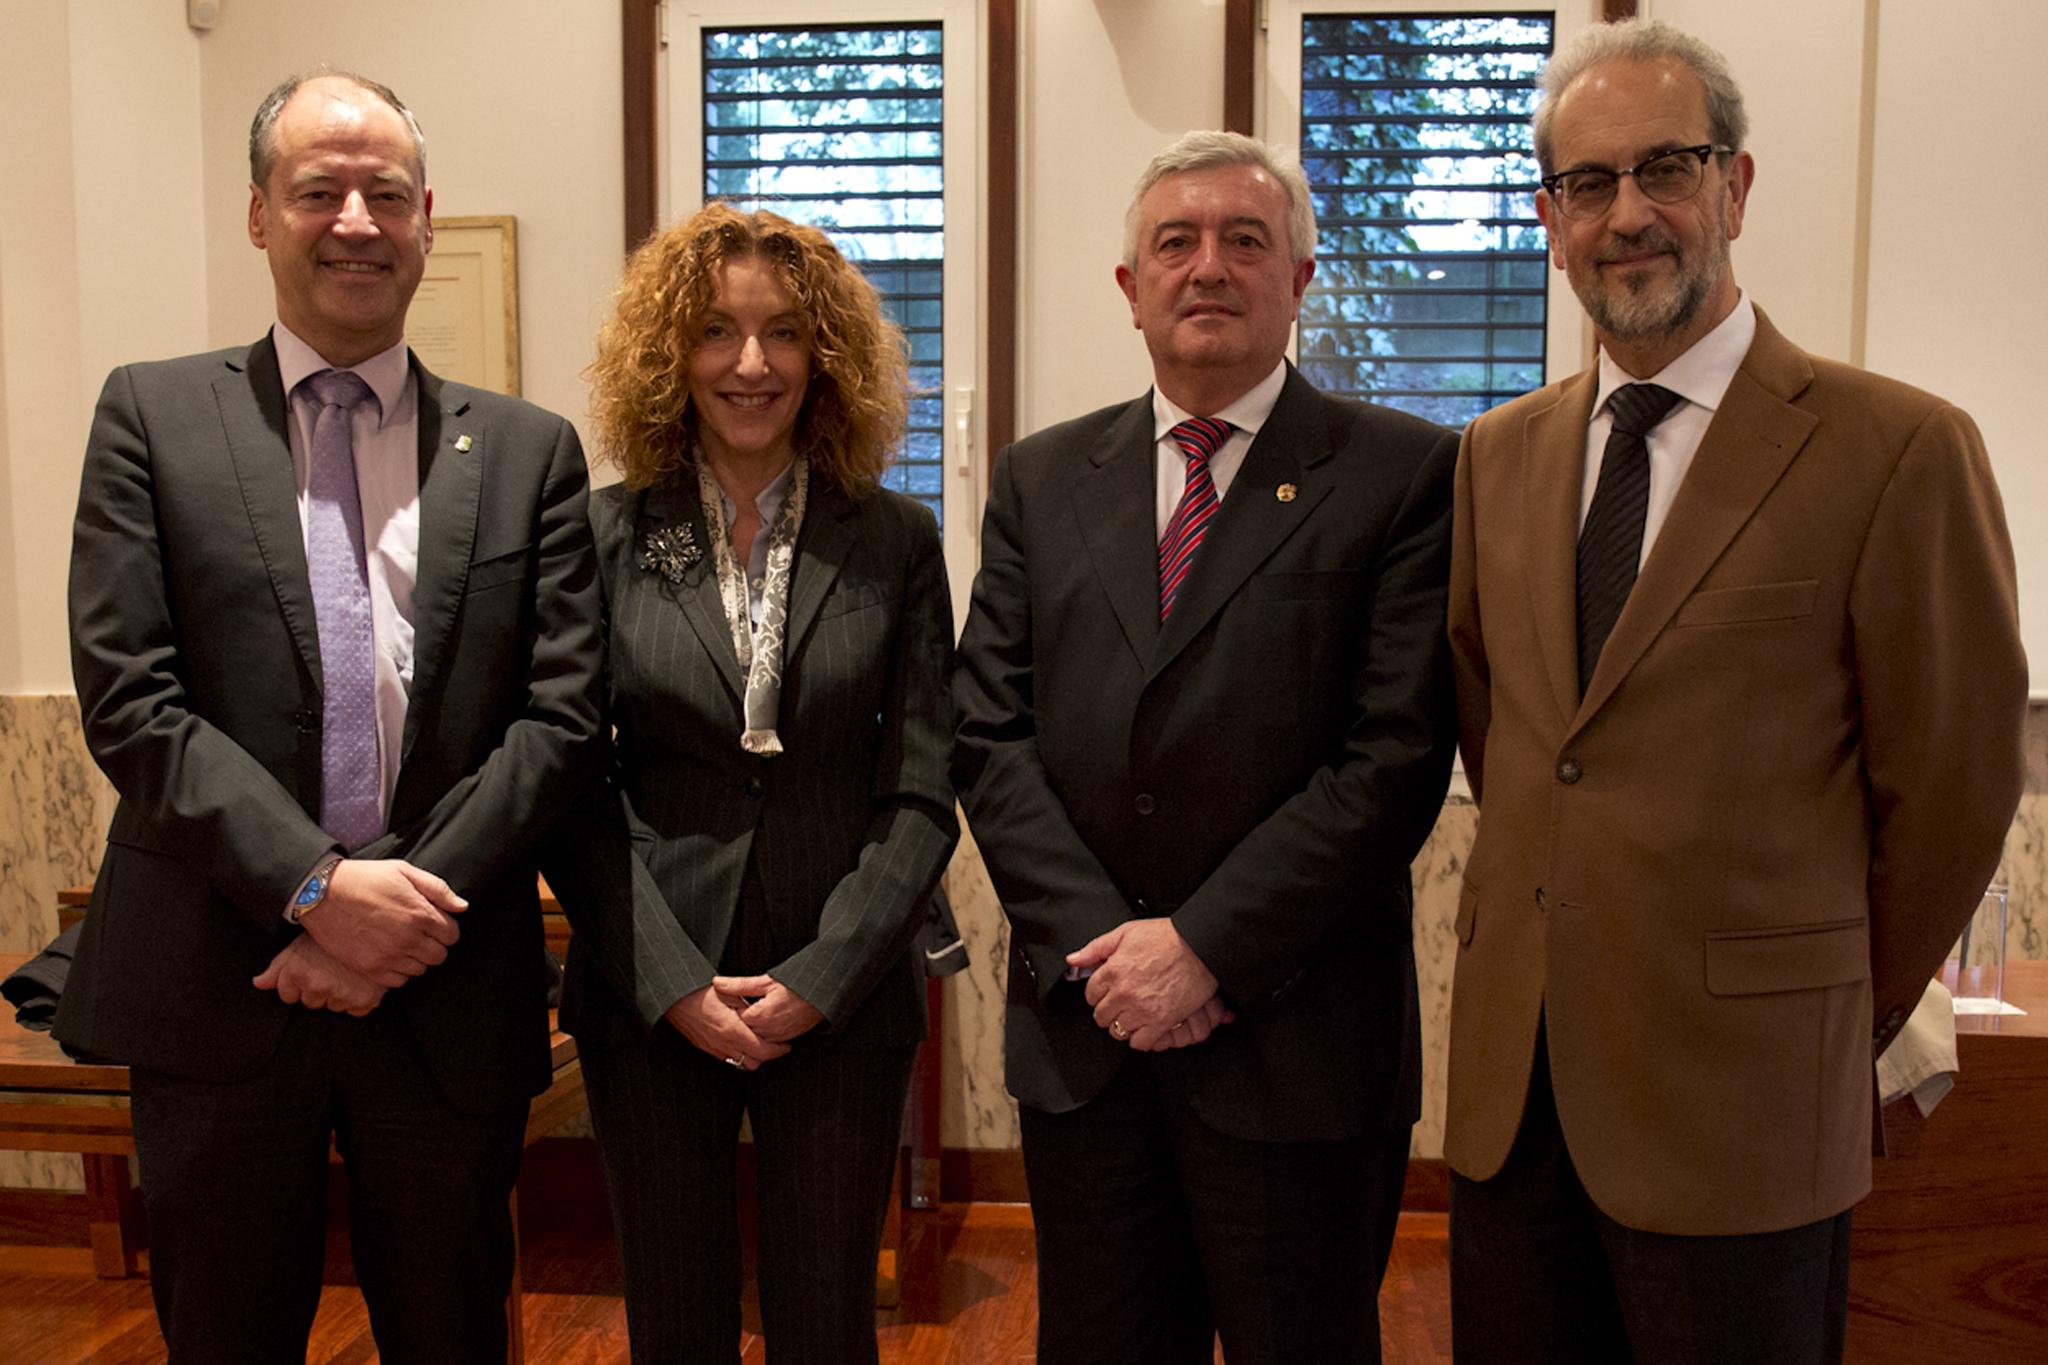 Universidades del sudoeste europeo colaborarán para promover sus estudios de doctorado en Brasil y Portugal